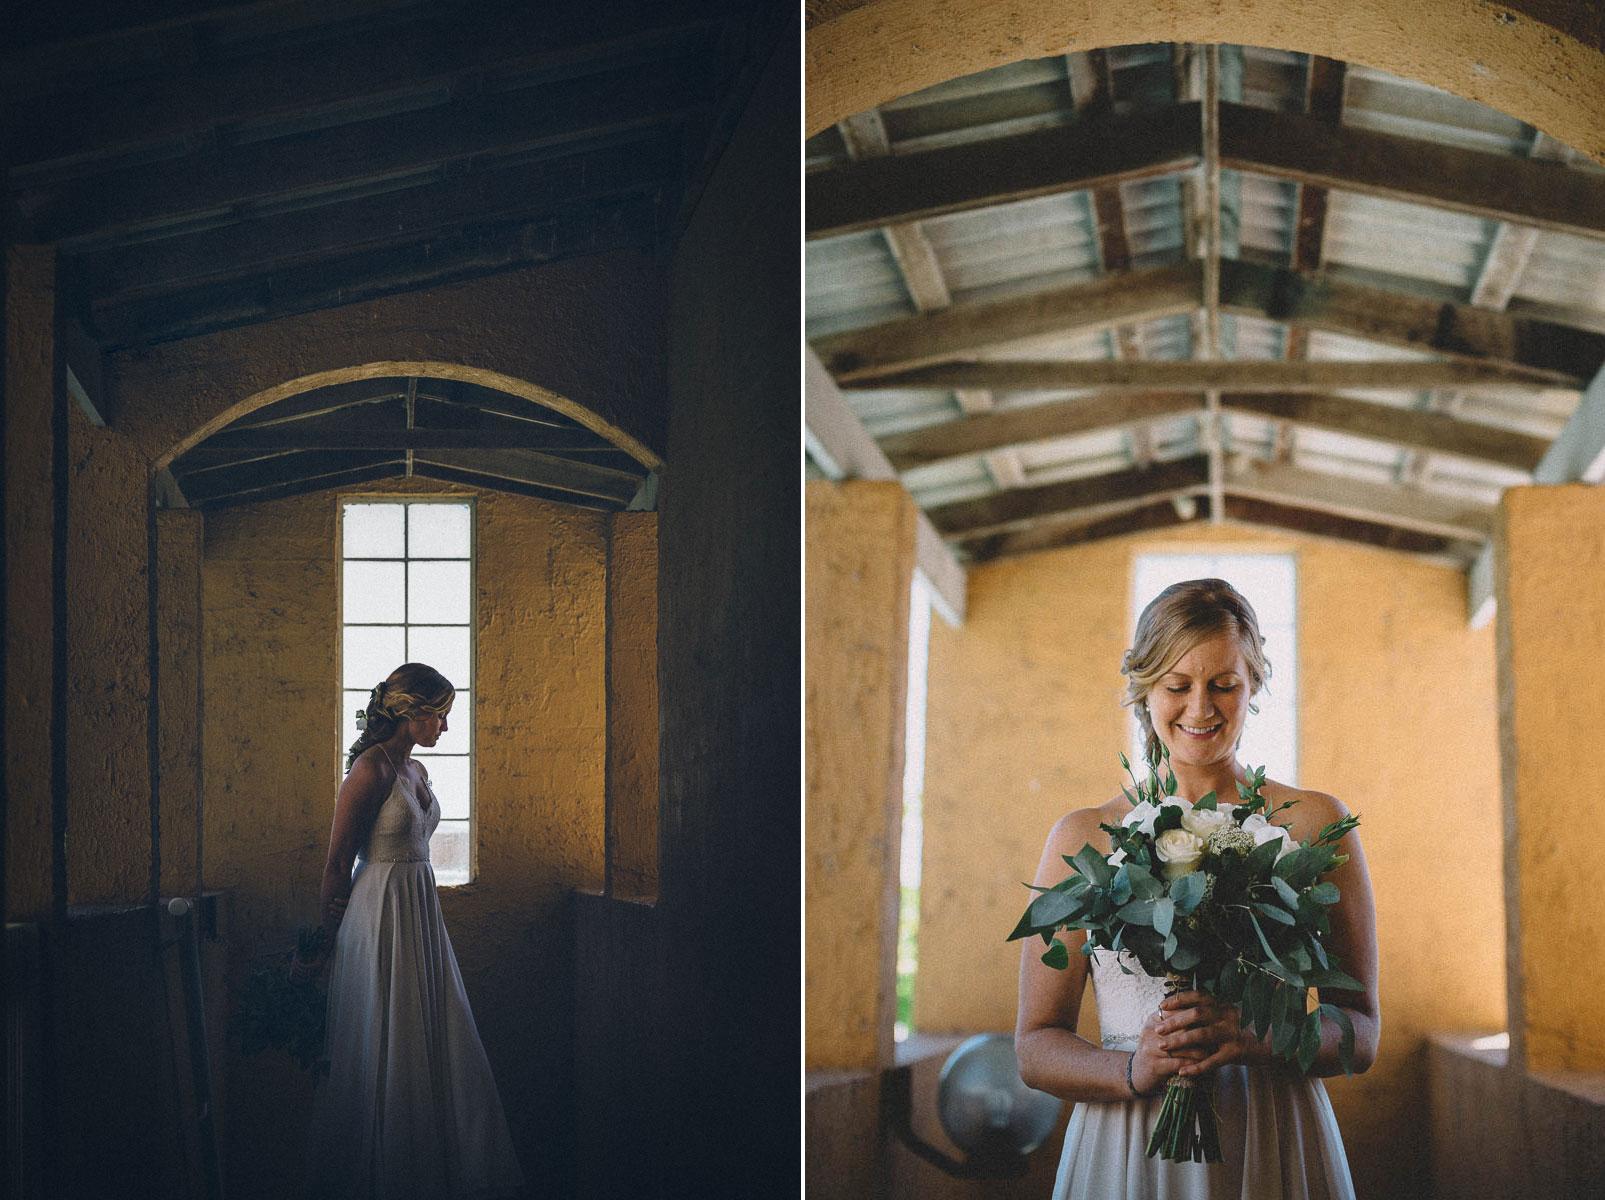 rottnest-island-elopement-piotrek-ziolkowski-photographer-11.jpg